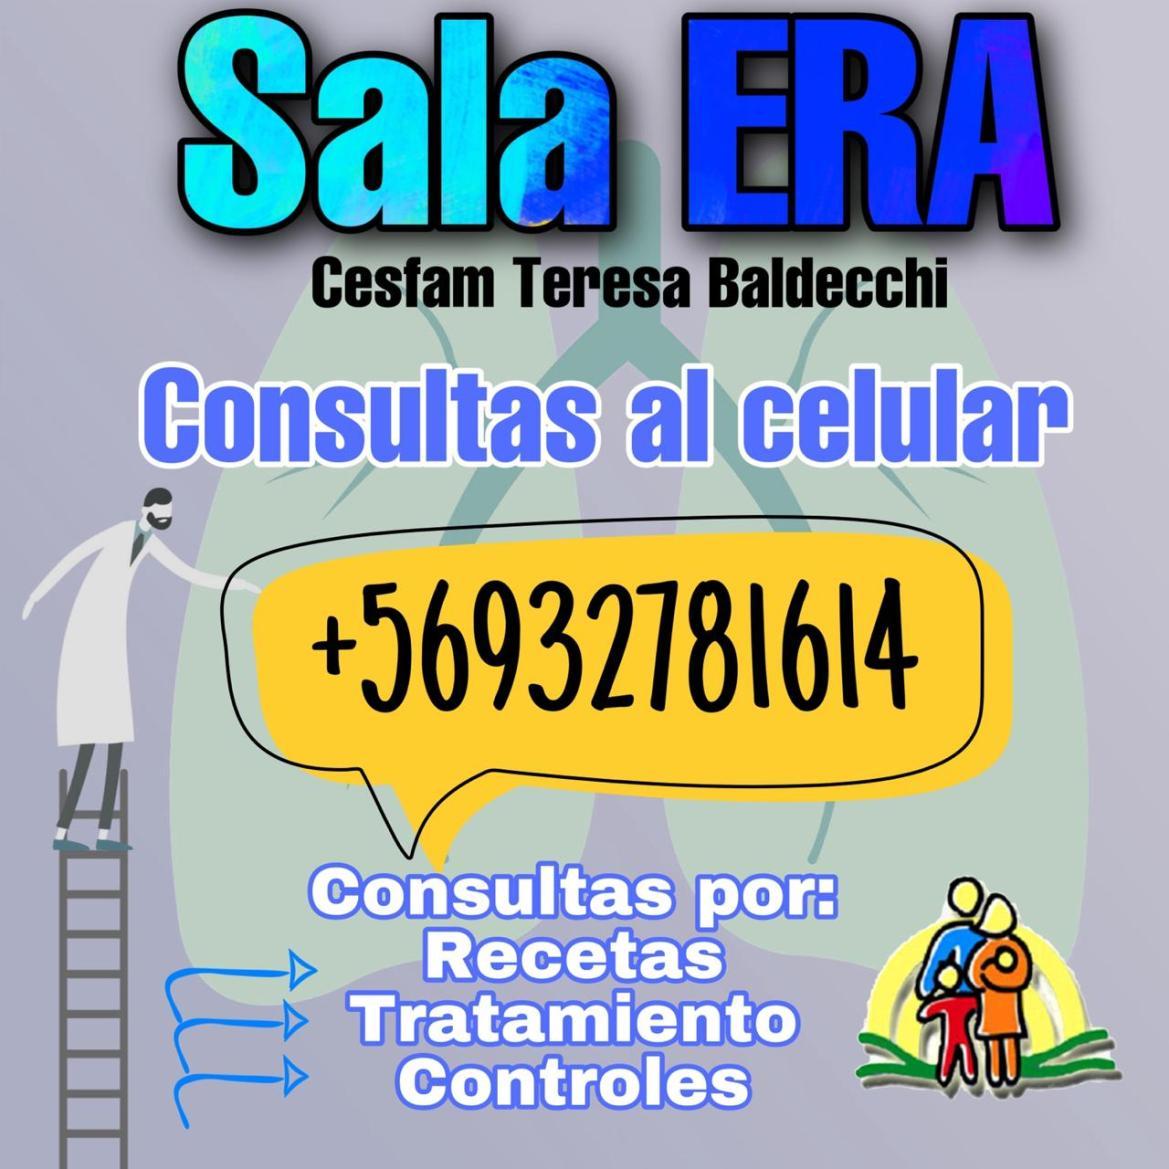 TELEFONO-SALA-ERA